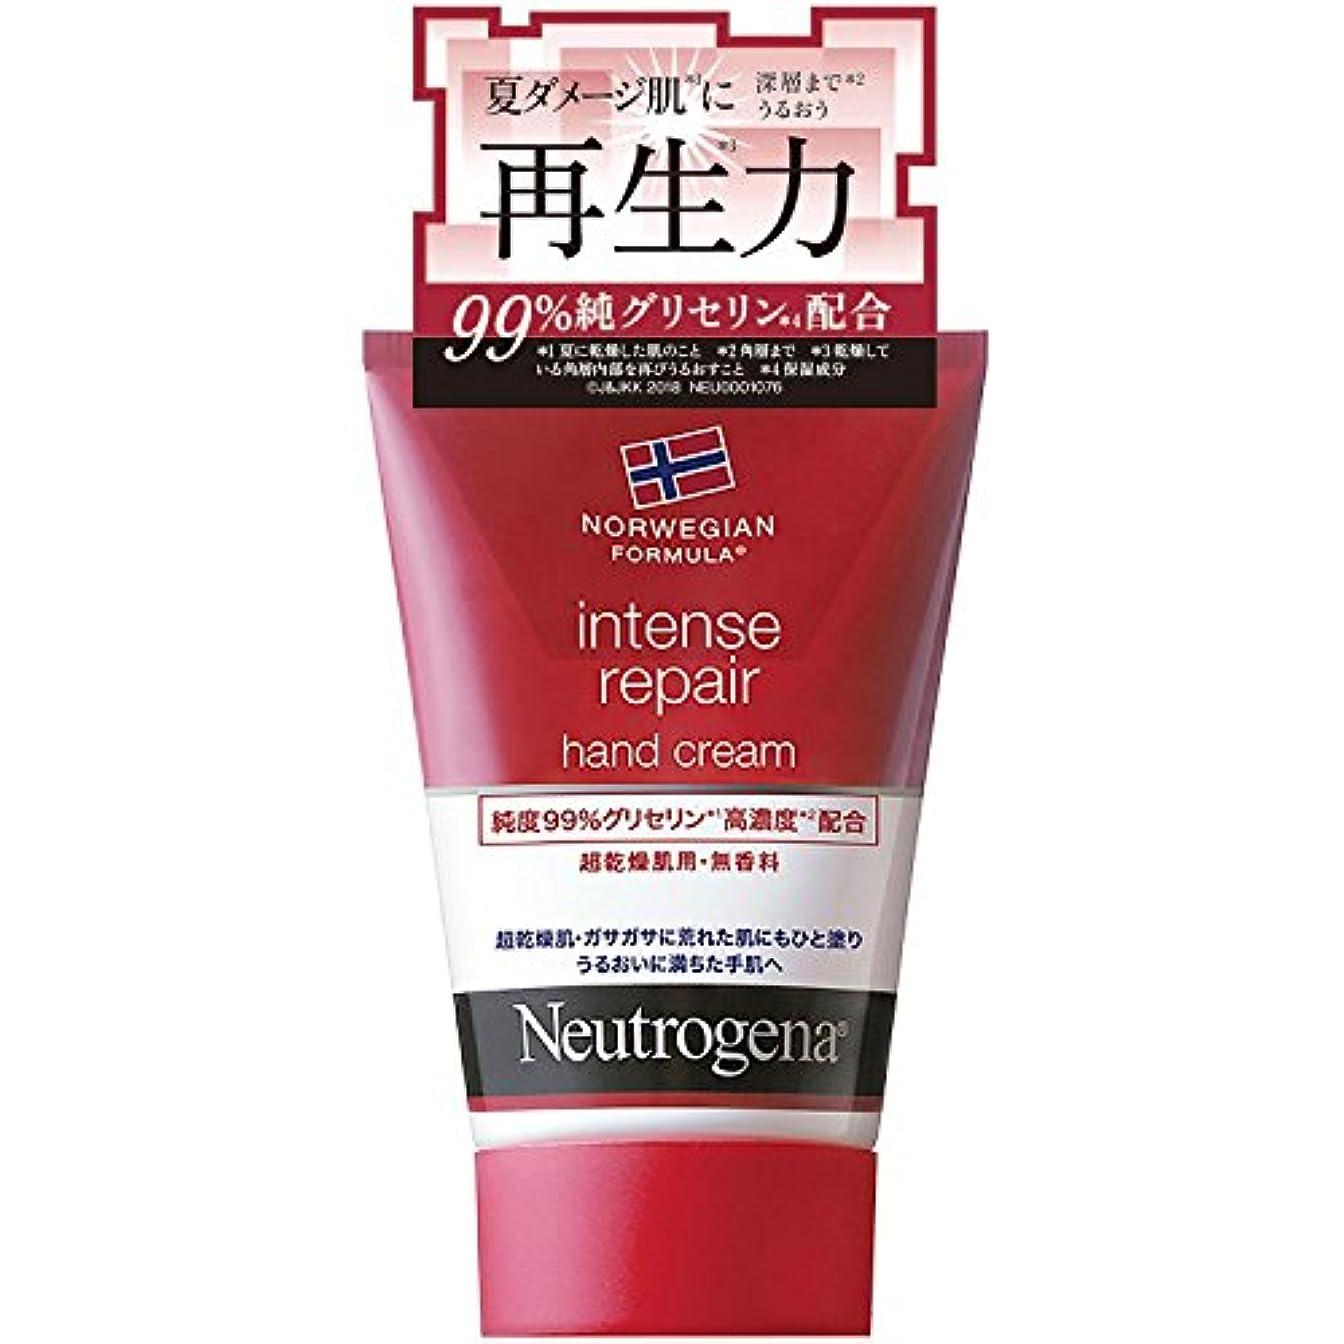 しつけ繰り返し粒子Neutrogena(ニュートロジーナ) ノルウェーフォーミュラ インテンスリペア ハンドクリーム 超乾燥肌用 無香料 単品 50g